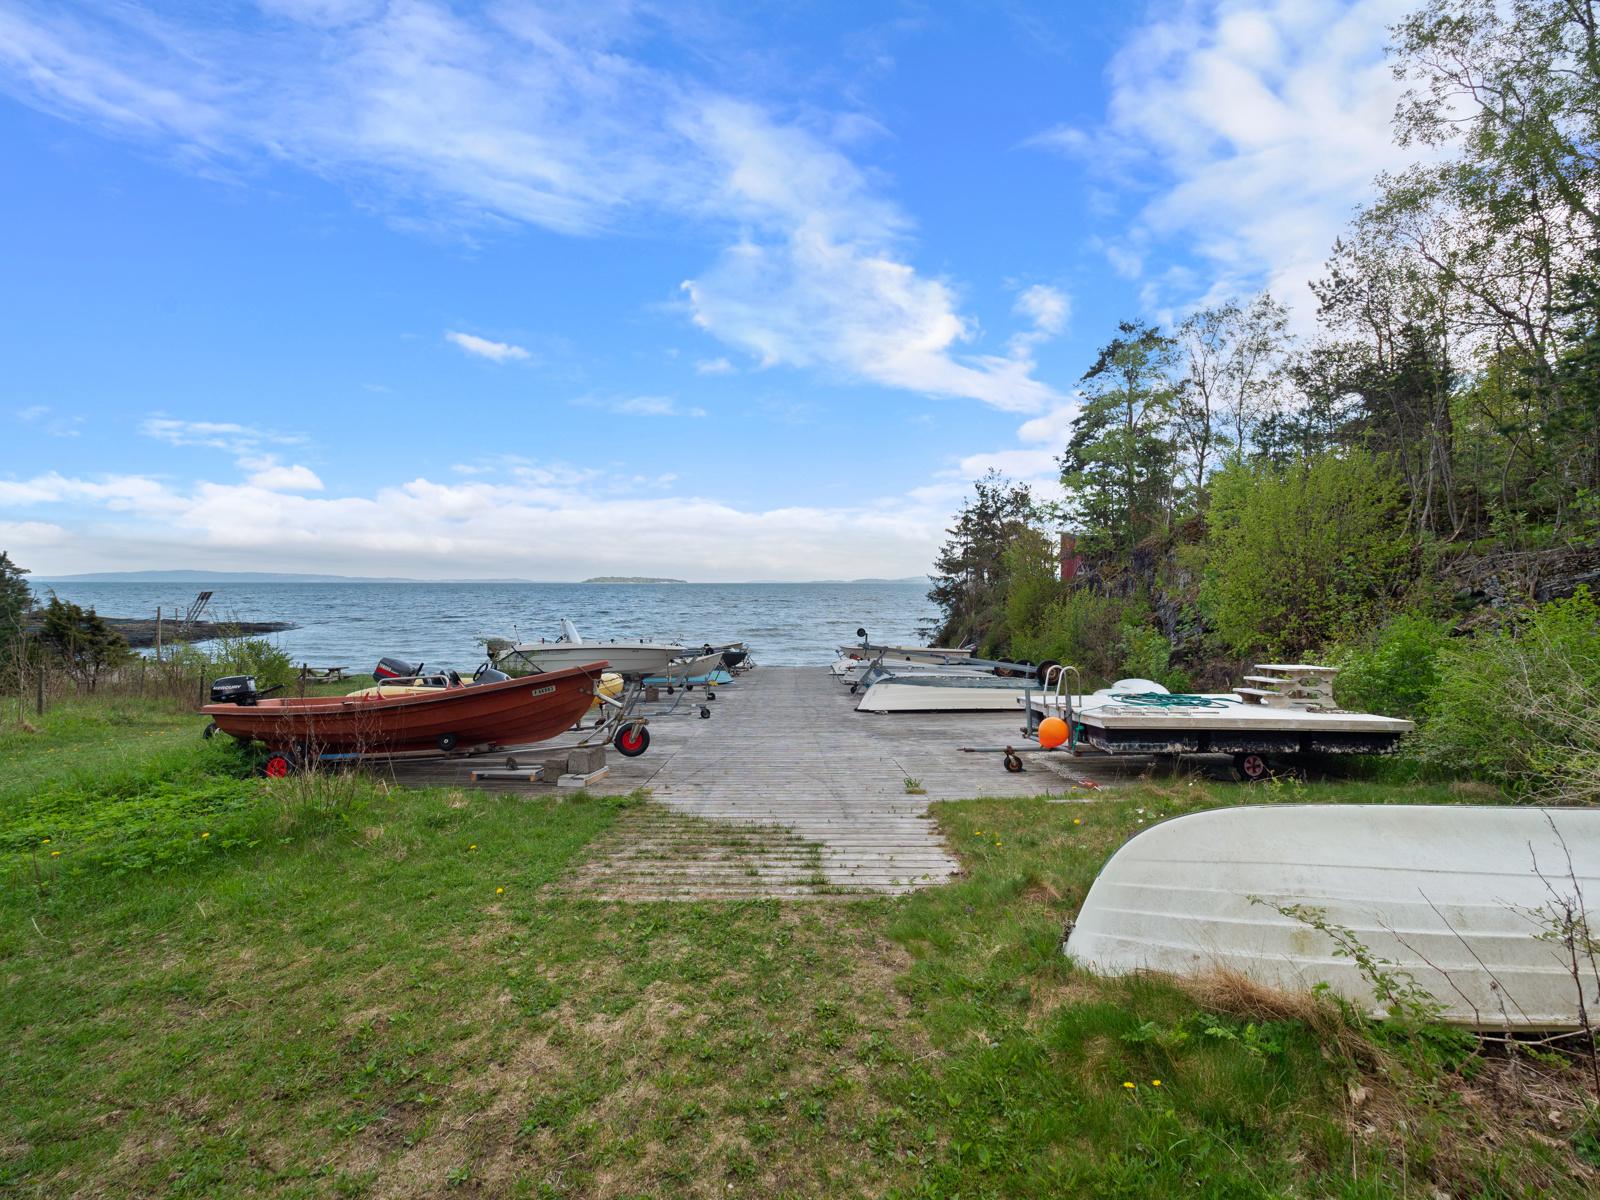 På nedsiden av hytta ligger båtutslippet - Her er det mulighet å sette seg på venteliste for båtplass